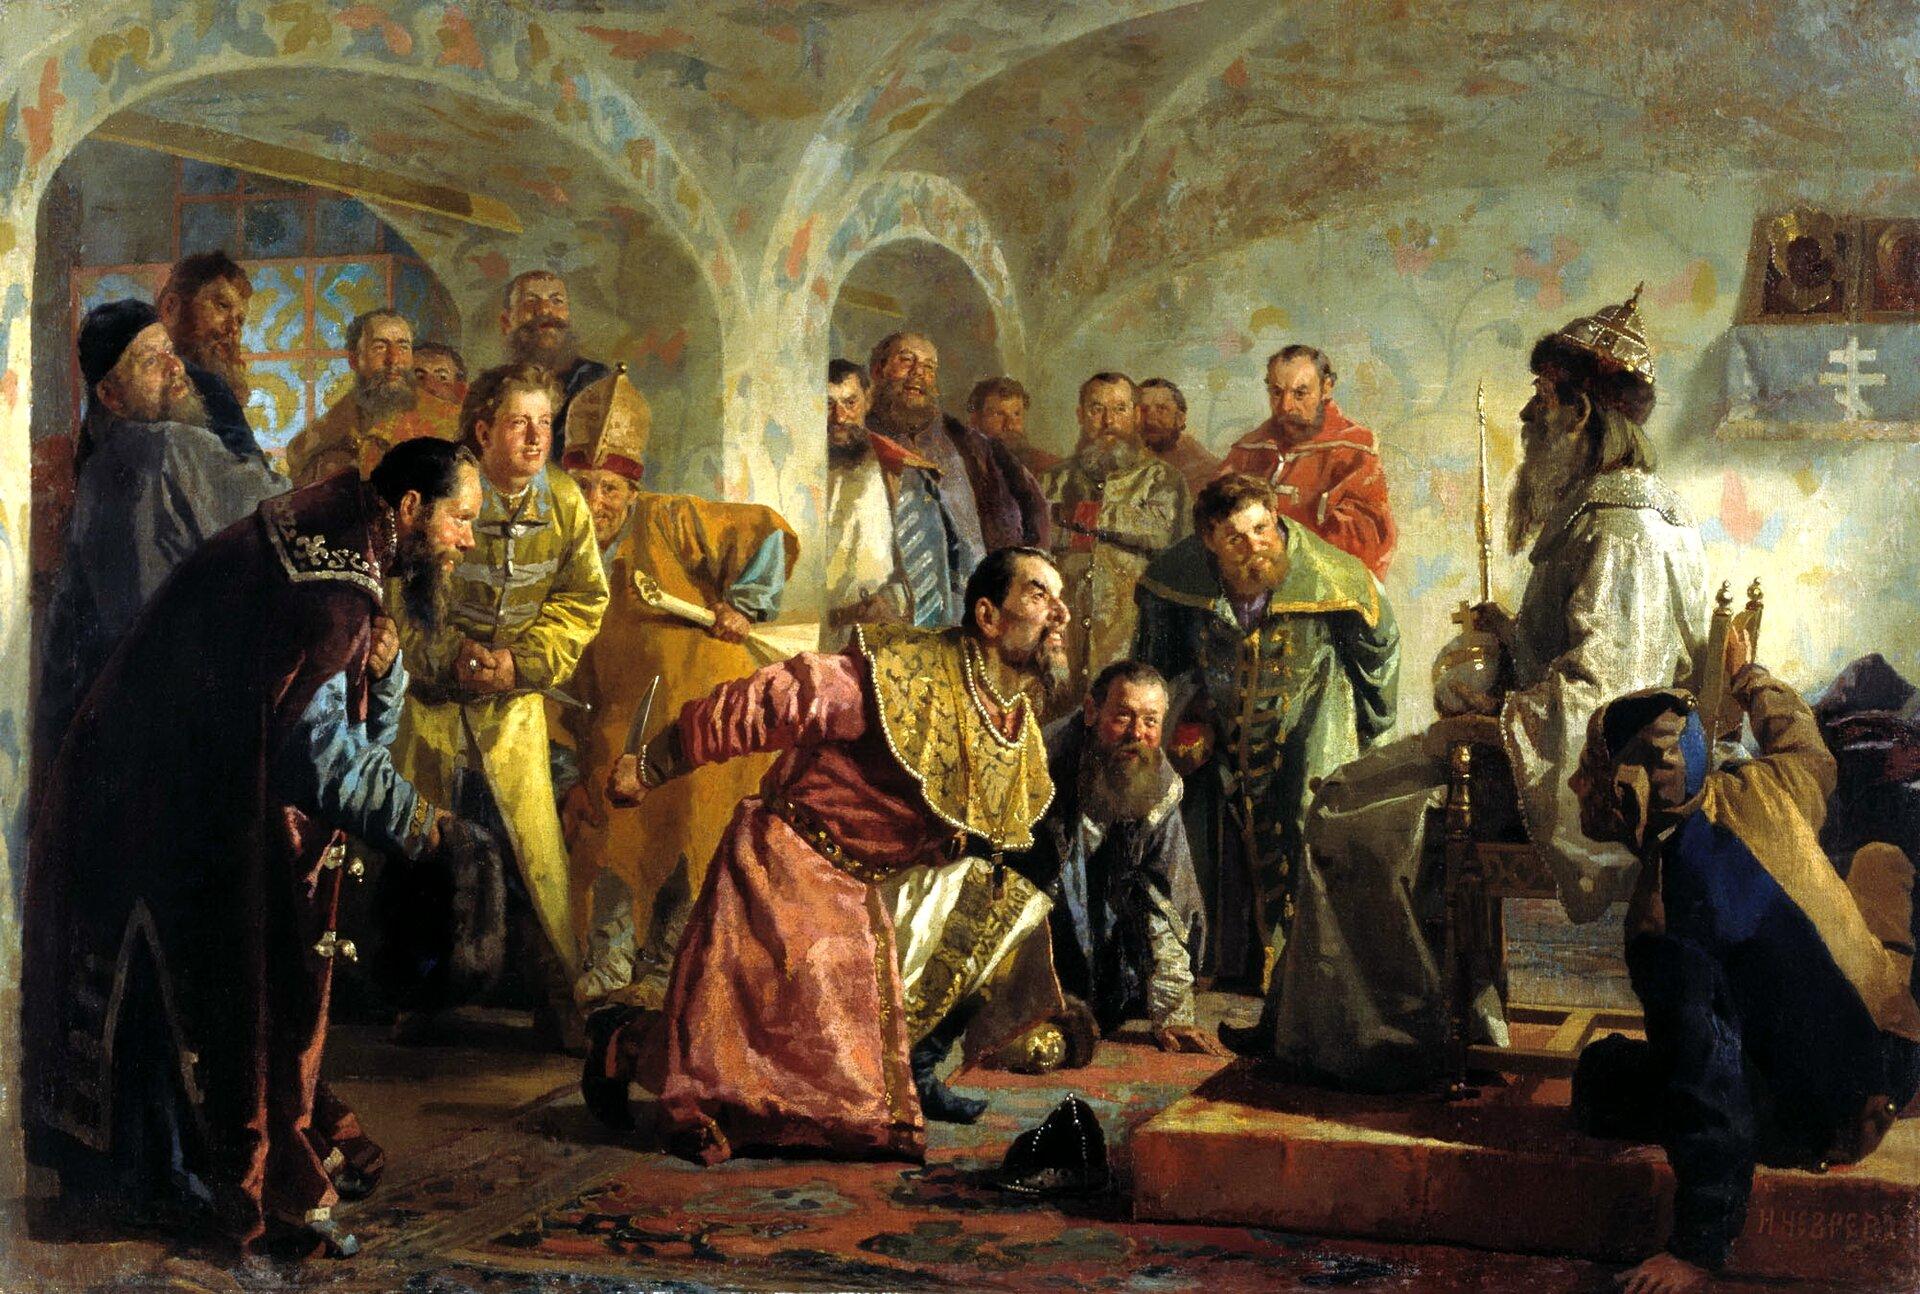 Oprycznina Źródło: Nikolai Vasilyevich Nevrev, Oprycznina, ok. 1870, olej na płótnie, domena publiczna.